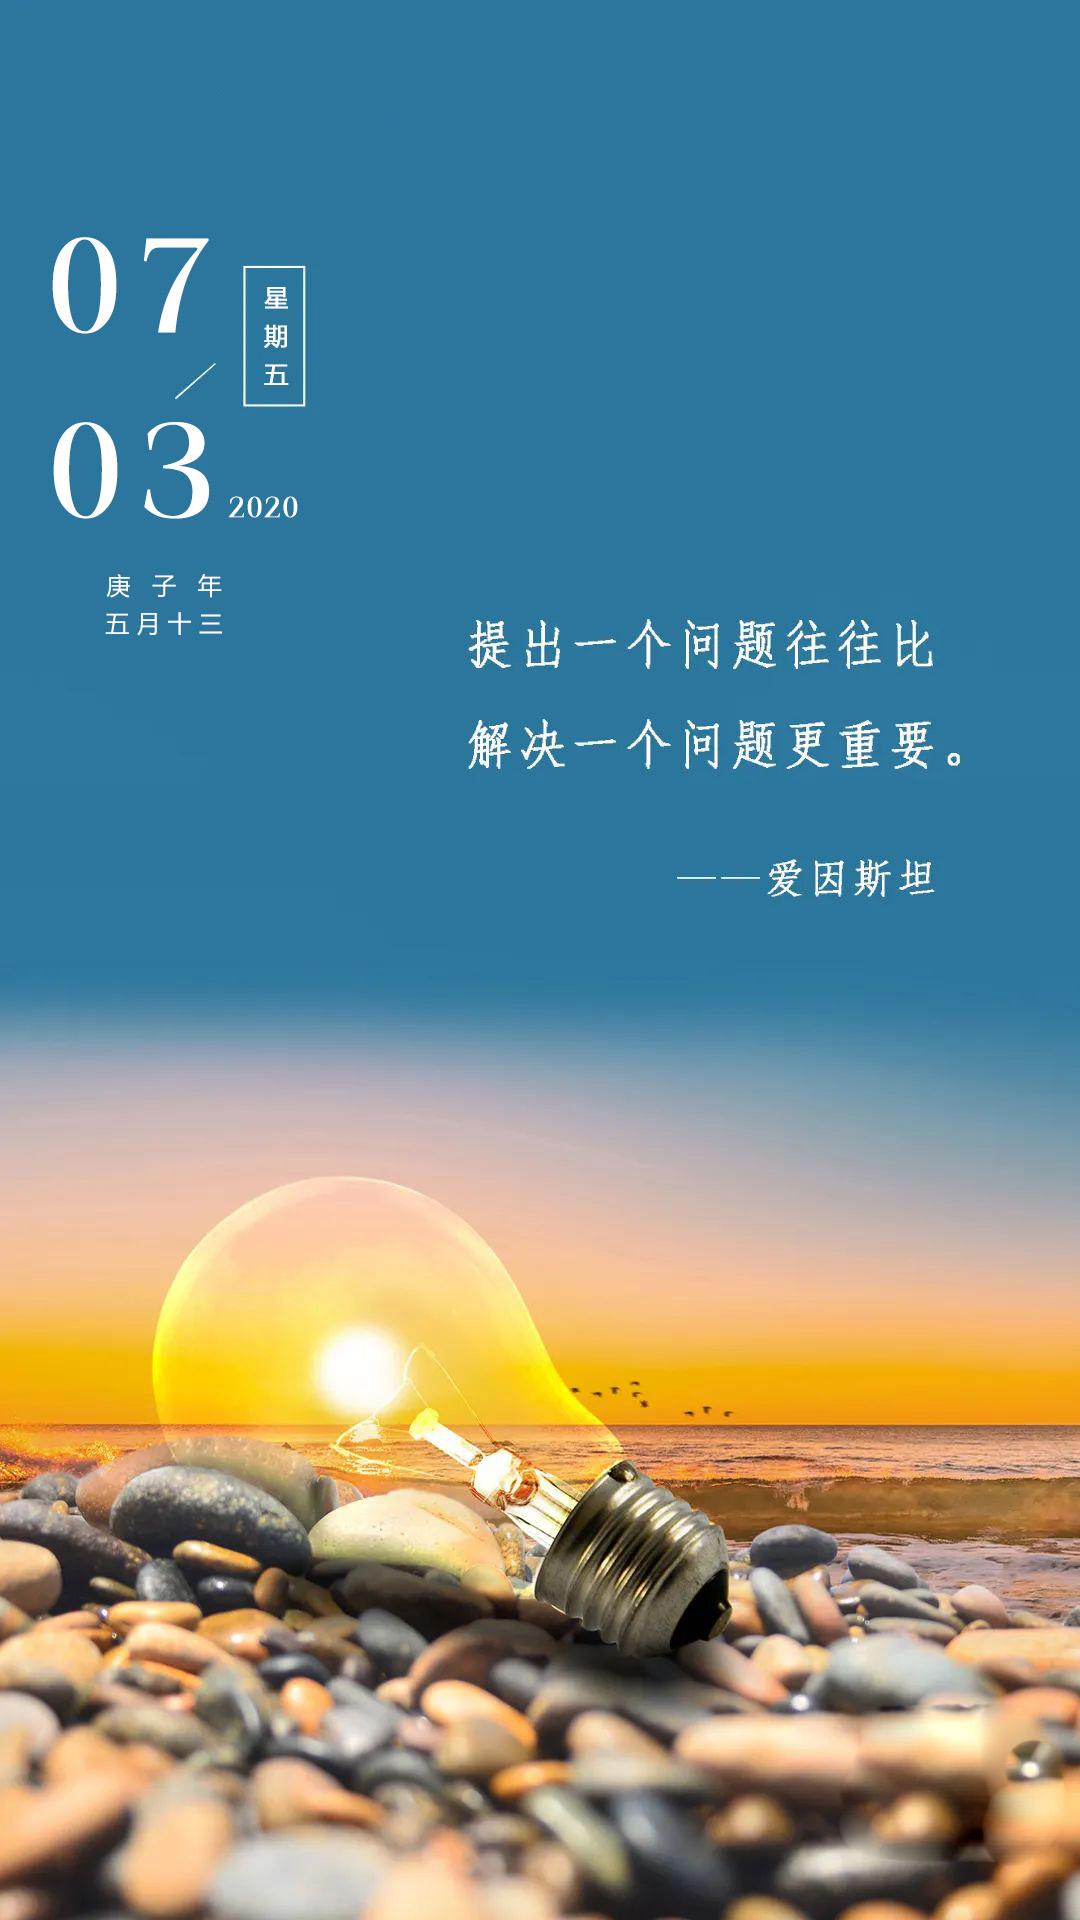 7月3日正能量早安日签图片文字:要么驾驭生命,要么生命驾驭你